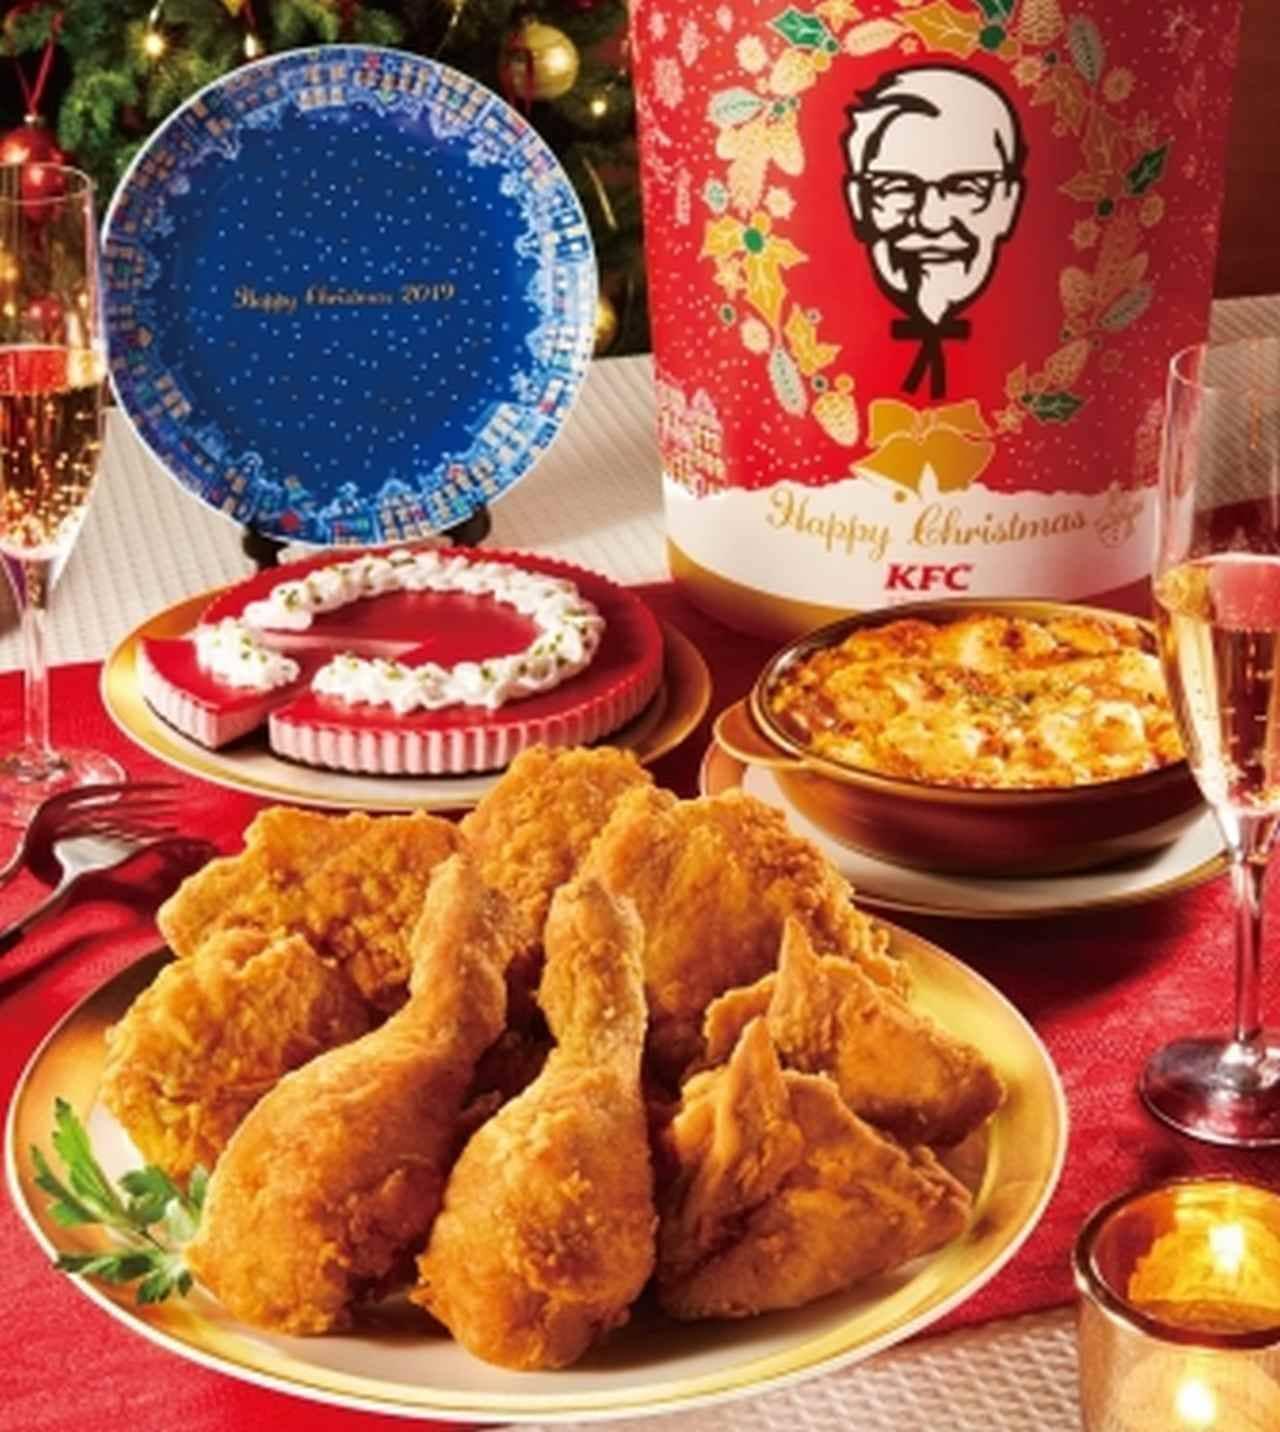 ケンタッキー「クリスマスキャンペーン」